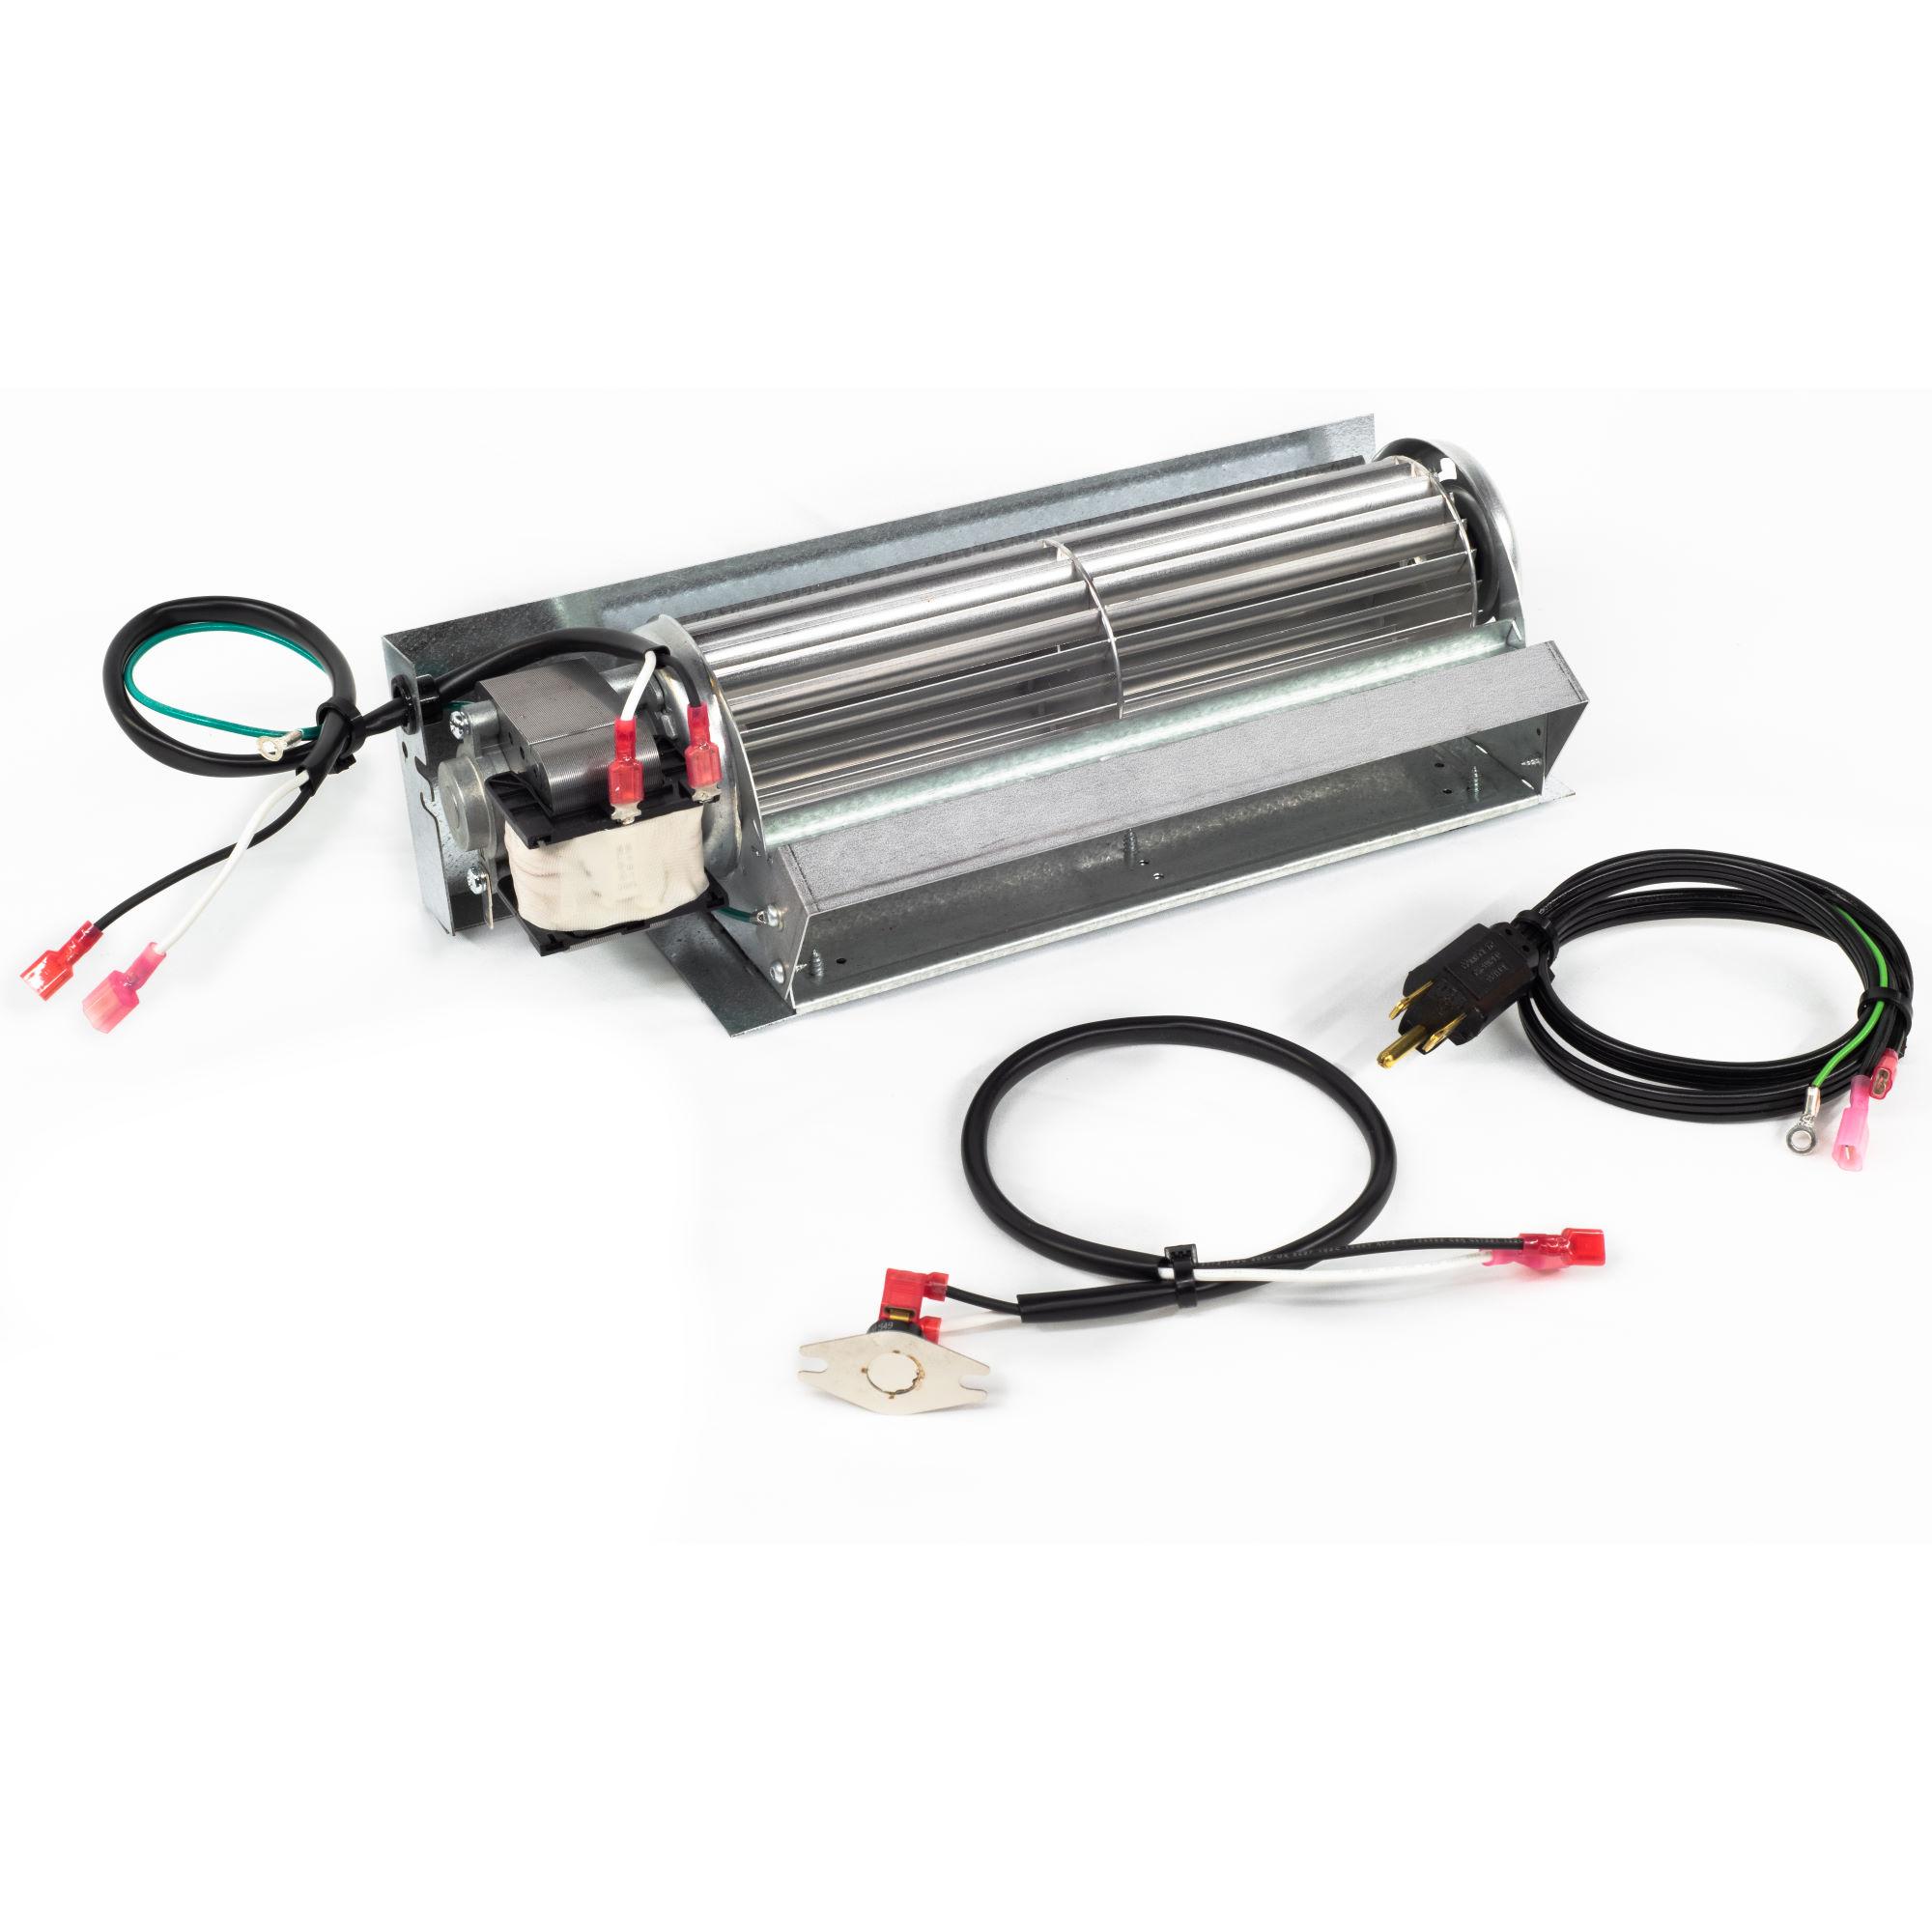 Empire FBB5 Automatic Single-Speed Blower Fan Kit